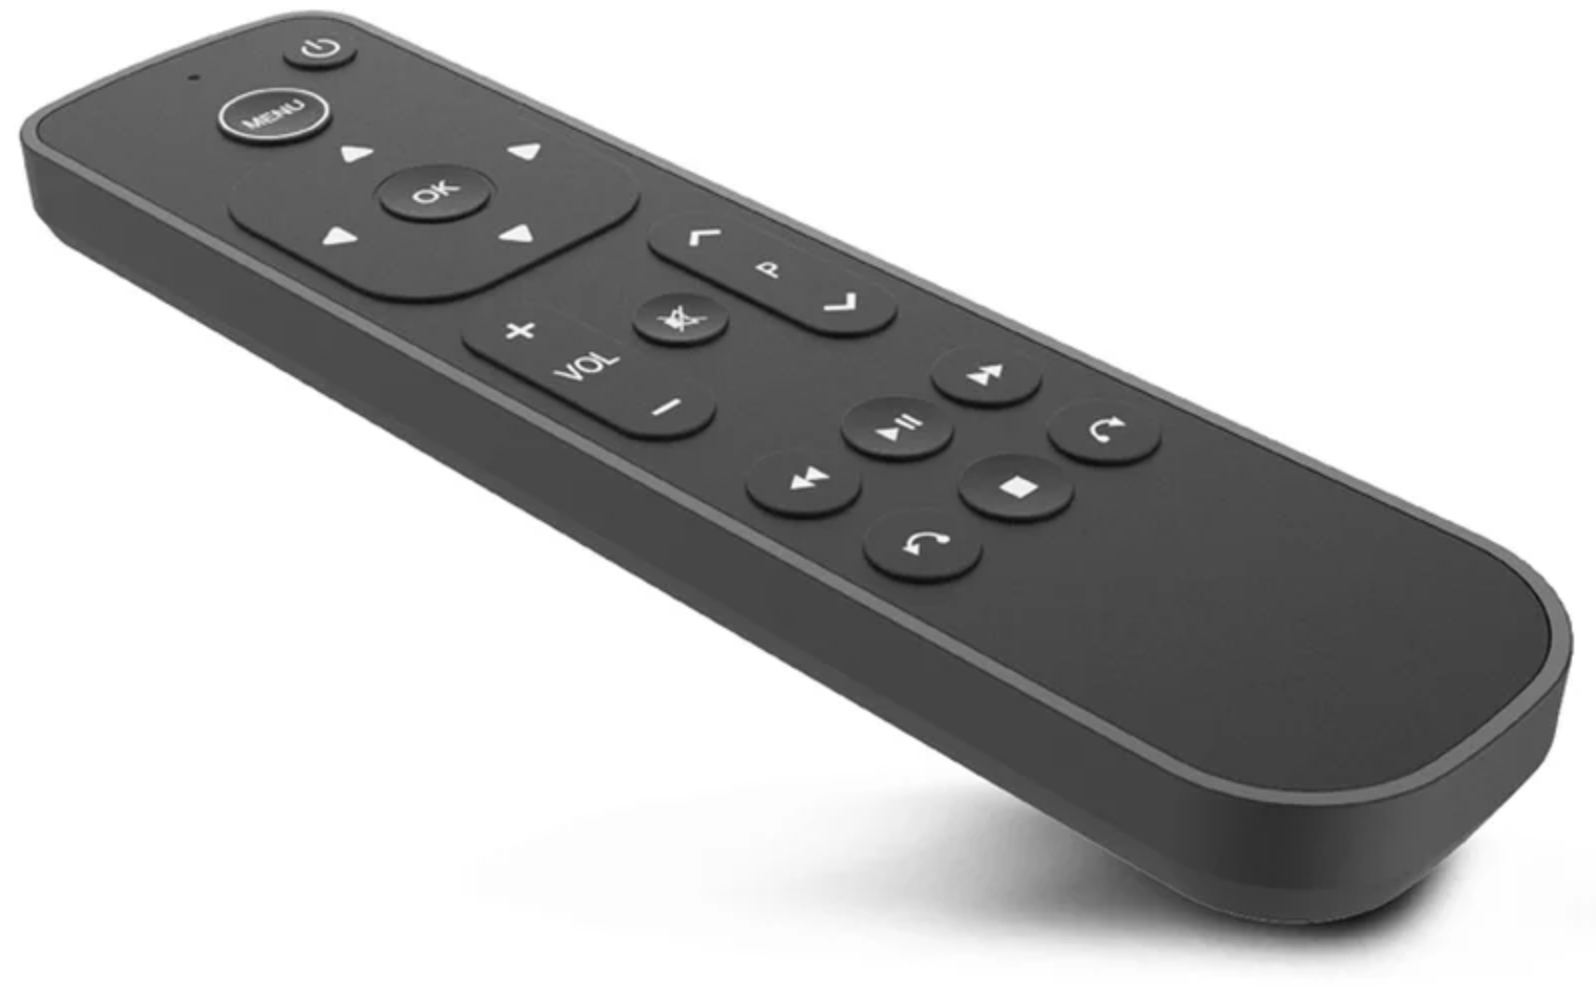 salt apple tv 4k remote tasten